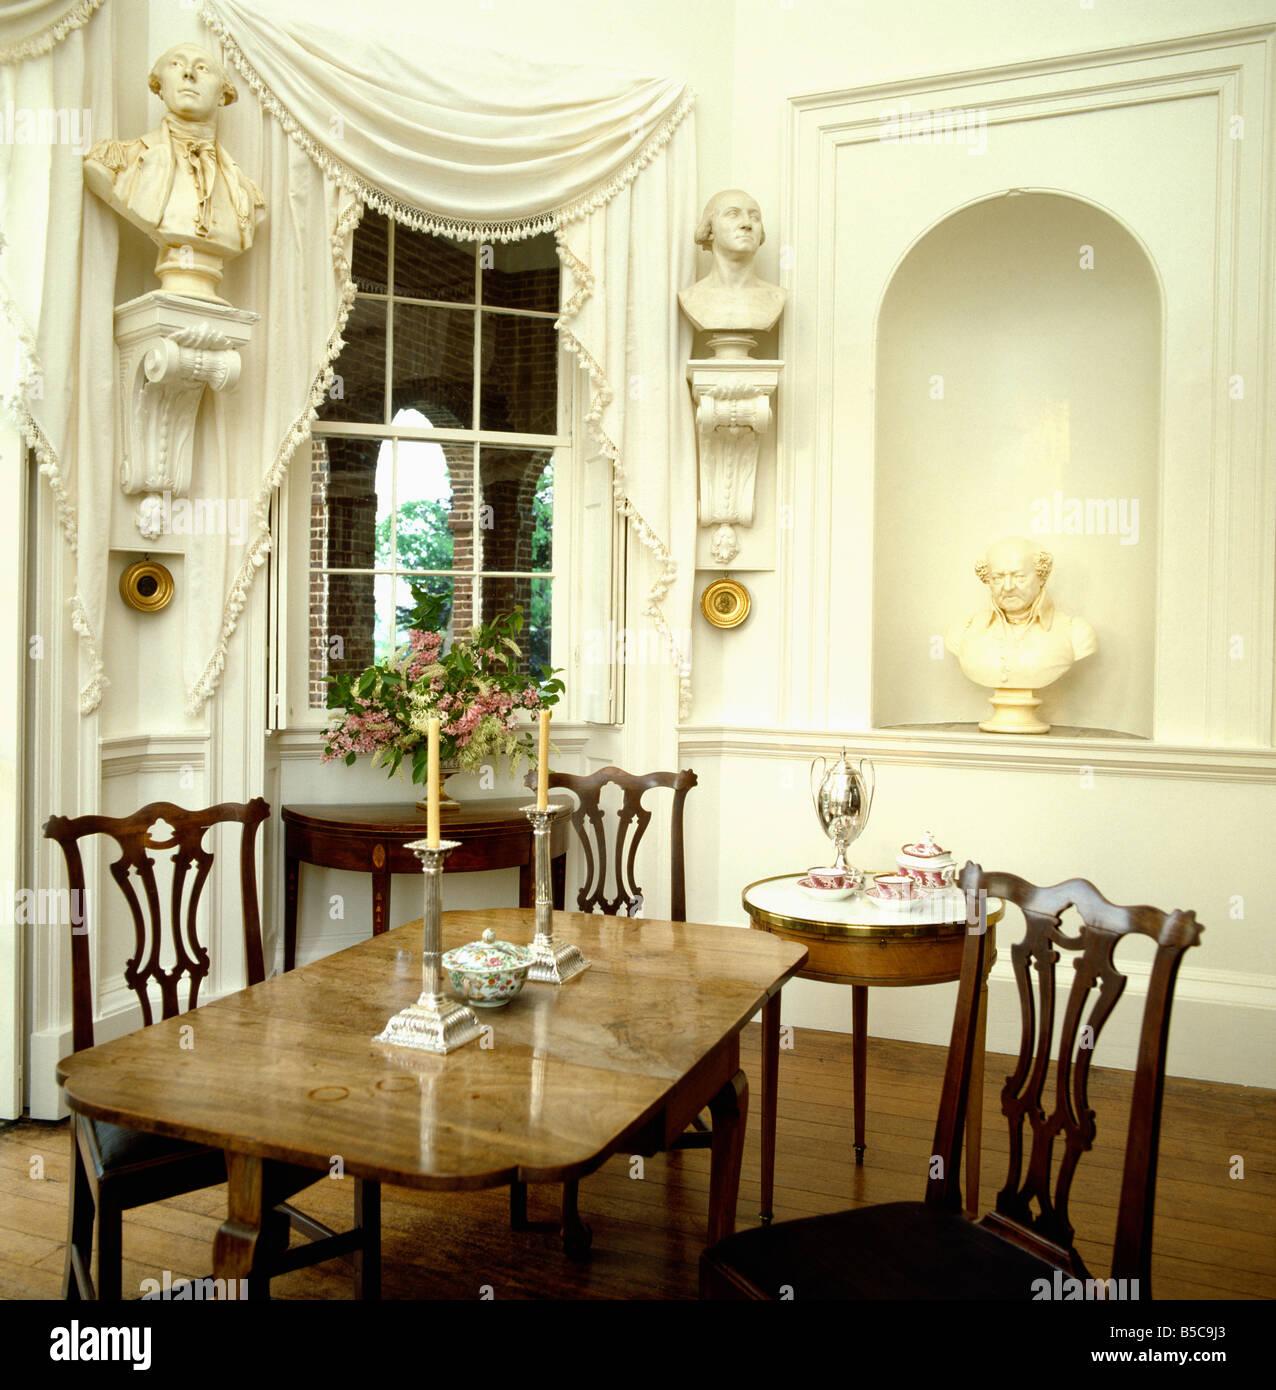 klassische busten auf kragsteinen entweder fenster mit cremefarbenen vorhangen in creme speisesaal mit alkoven und antike mobel